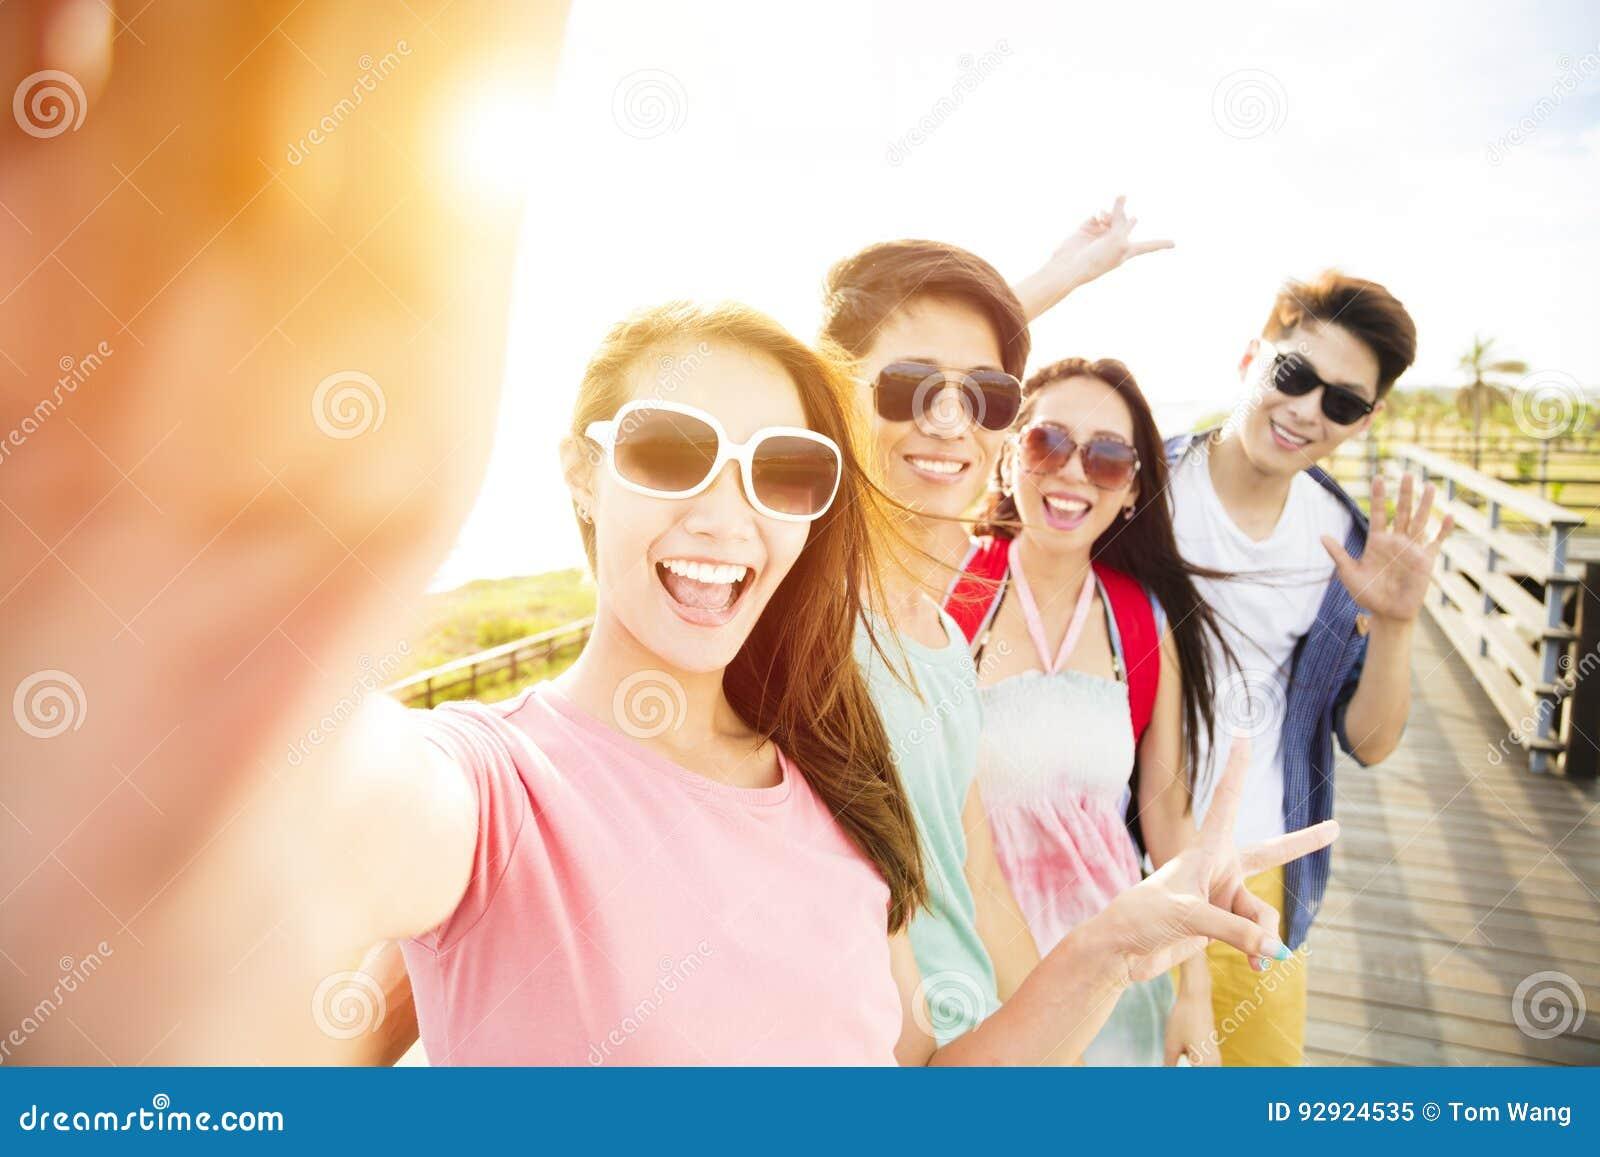 采取selfie的年轻小组朋友暑假